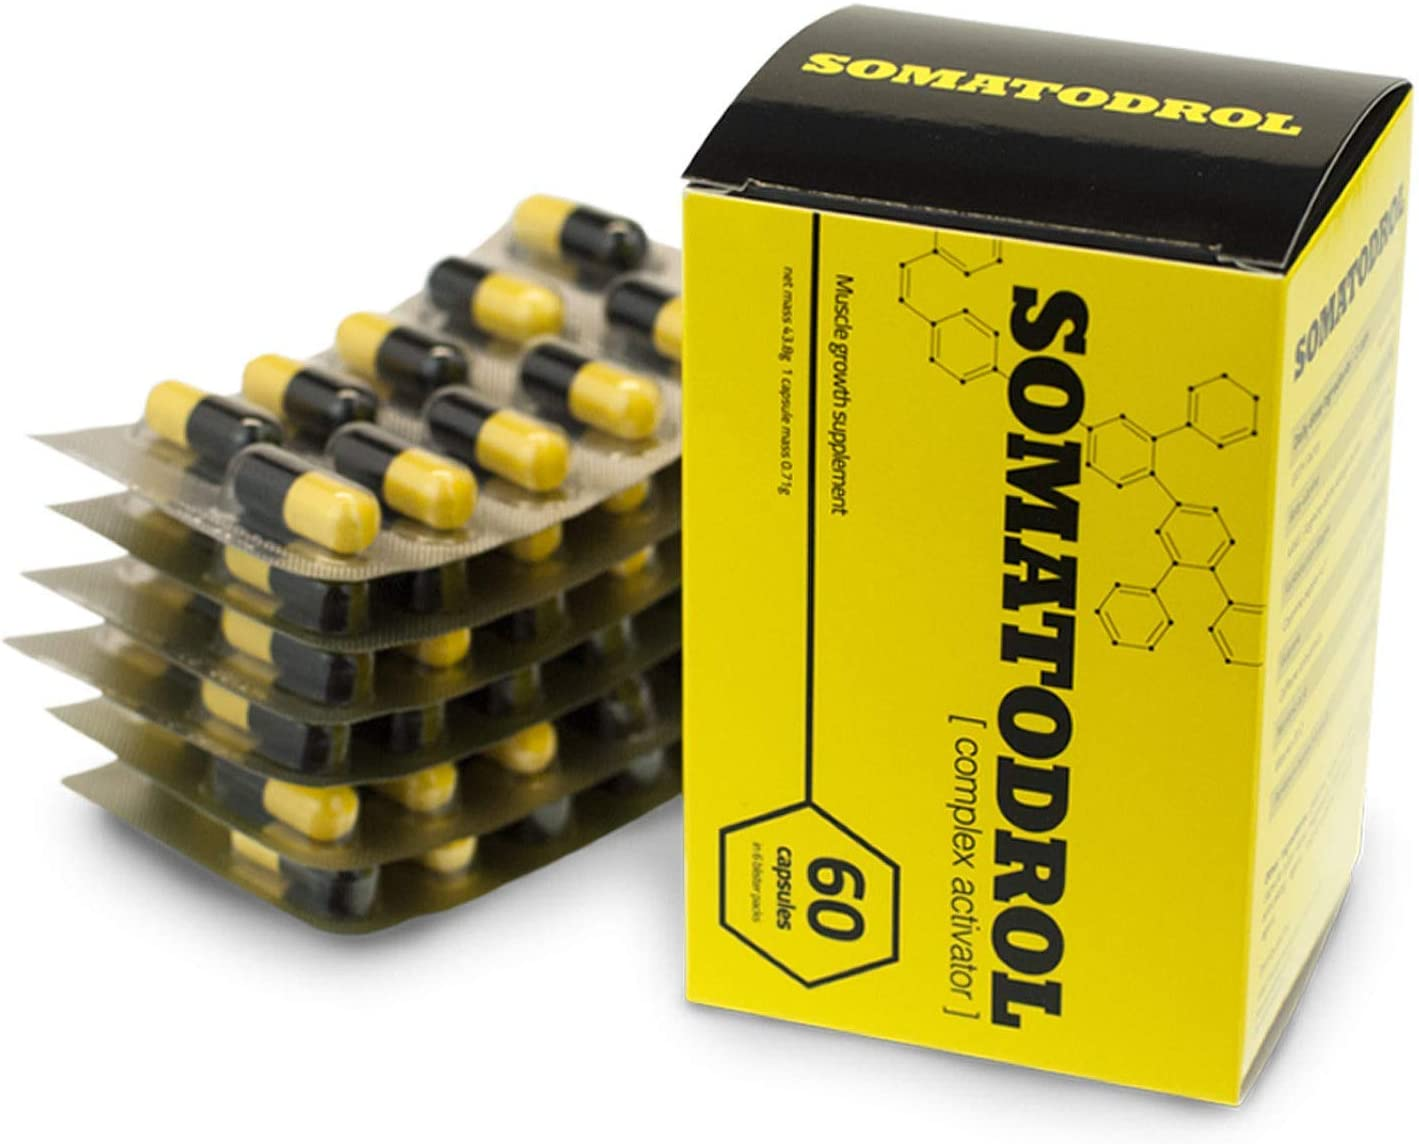 SOMATODROL Premium, aumenta los niveles de testosterona y hormona de crecimiento, rápido crecimiento muscular, rápida quema de grasa, sin esteroides, ¡sin efectos secundarios!